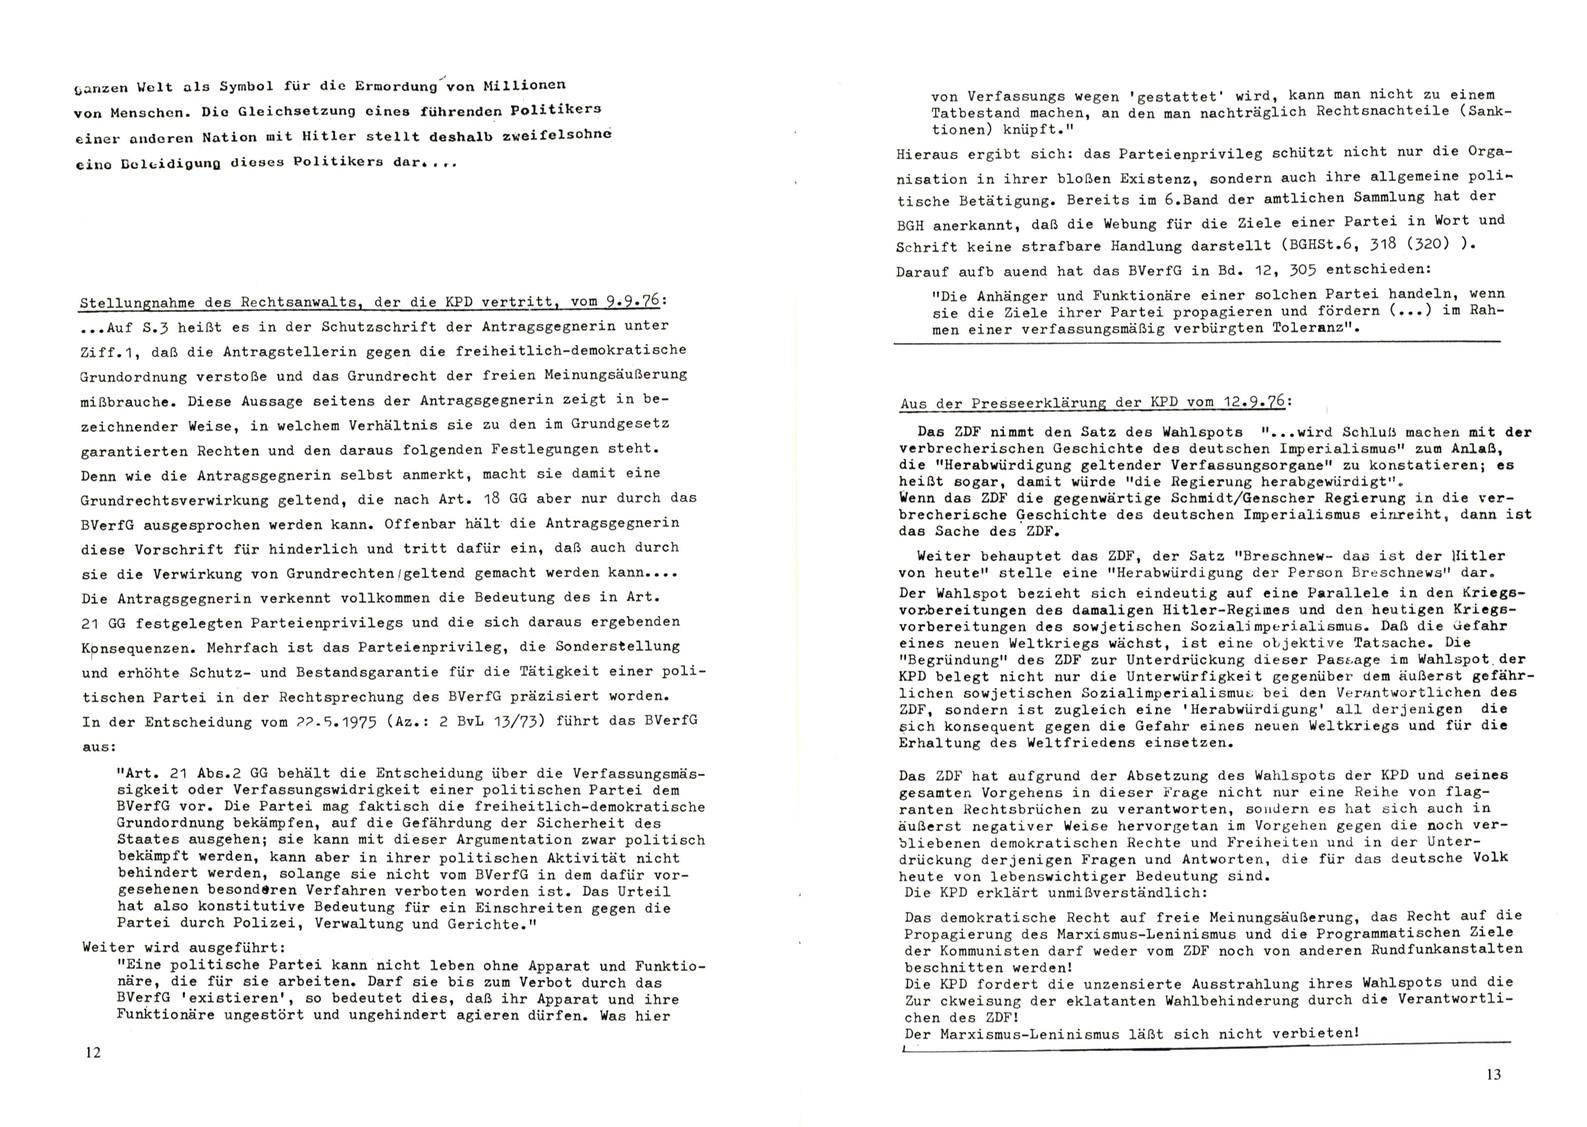 KPDAO_1976_Wahlbehinderungen_im_BTW_08